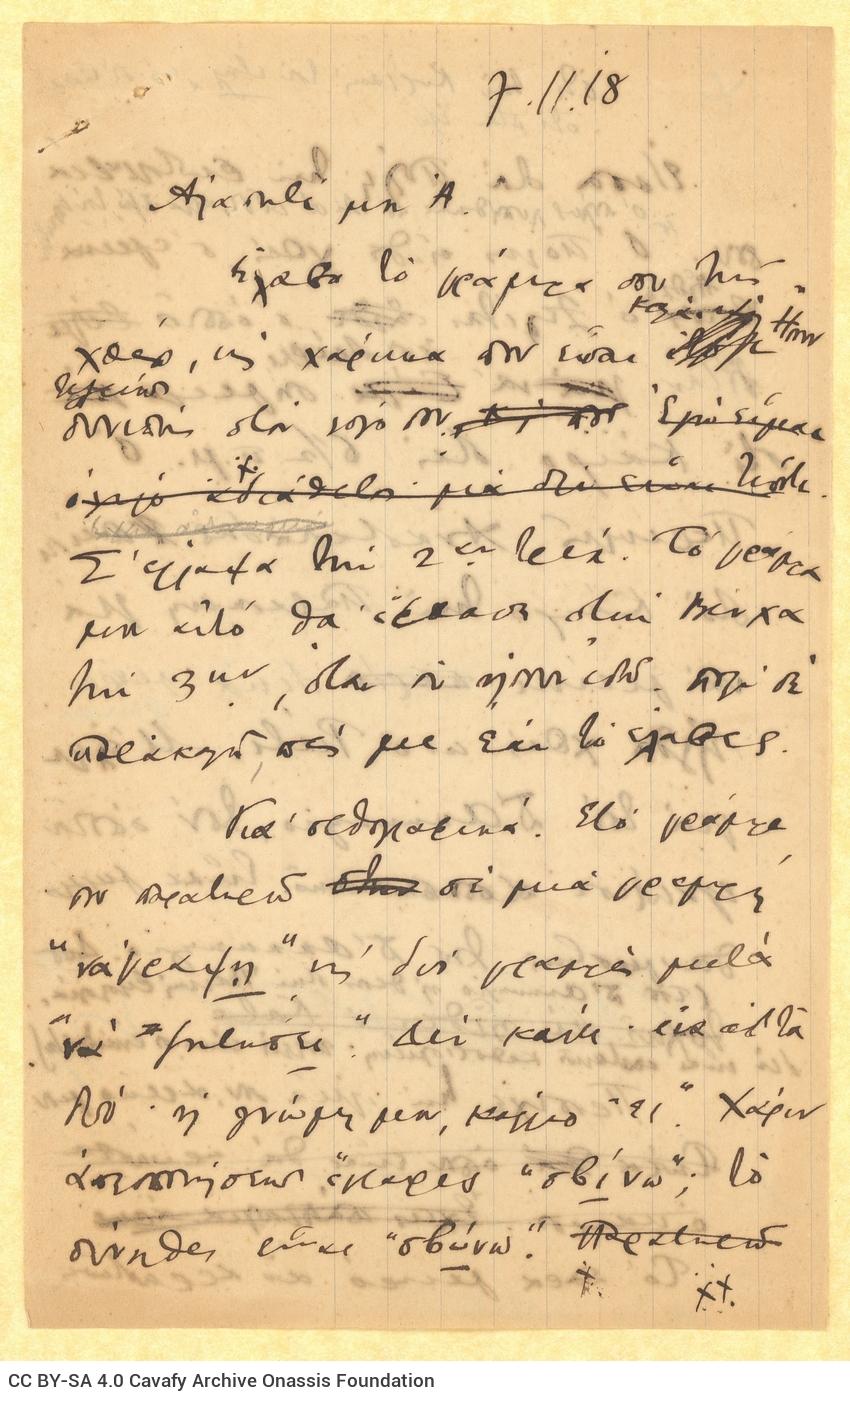 Σχέδιο επιστολής του Καβάφη προς τον Αλέκο [Σεγκόπουλο] σε δύο φύλλα